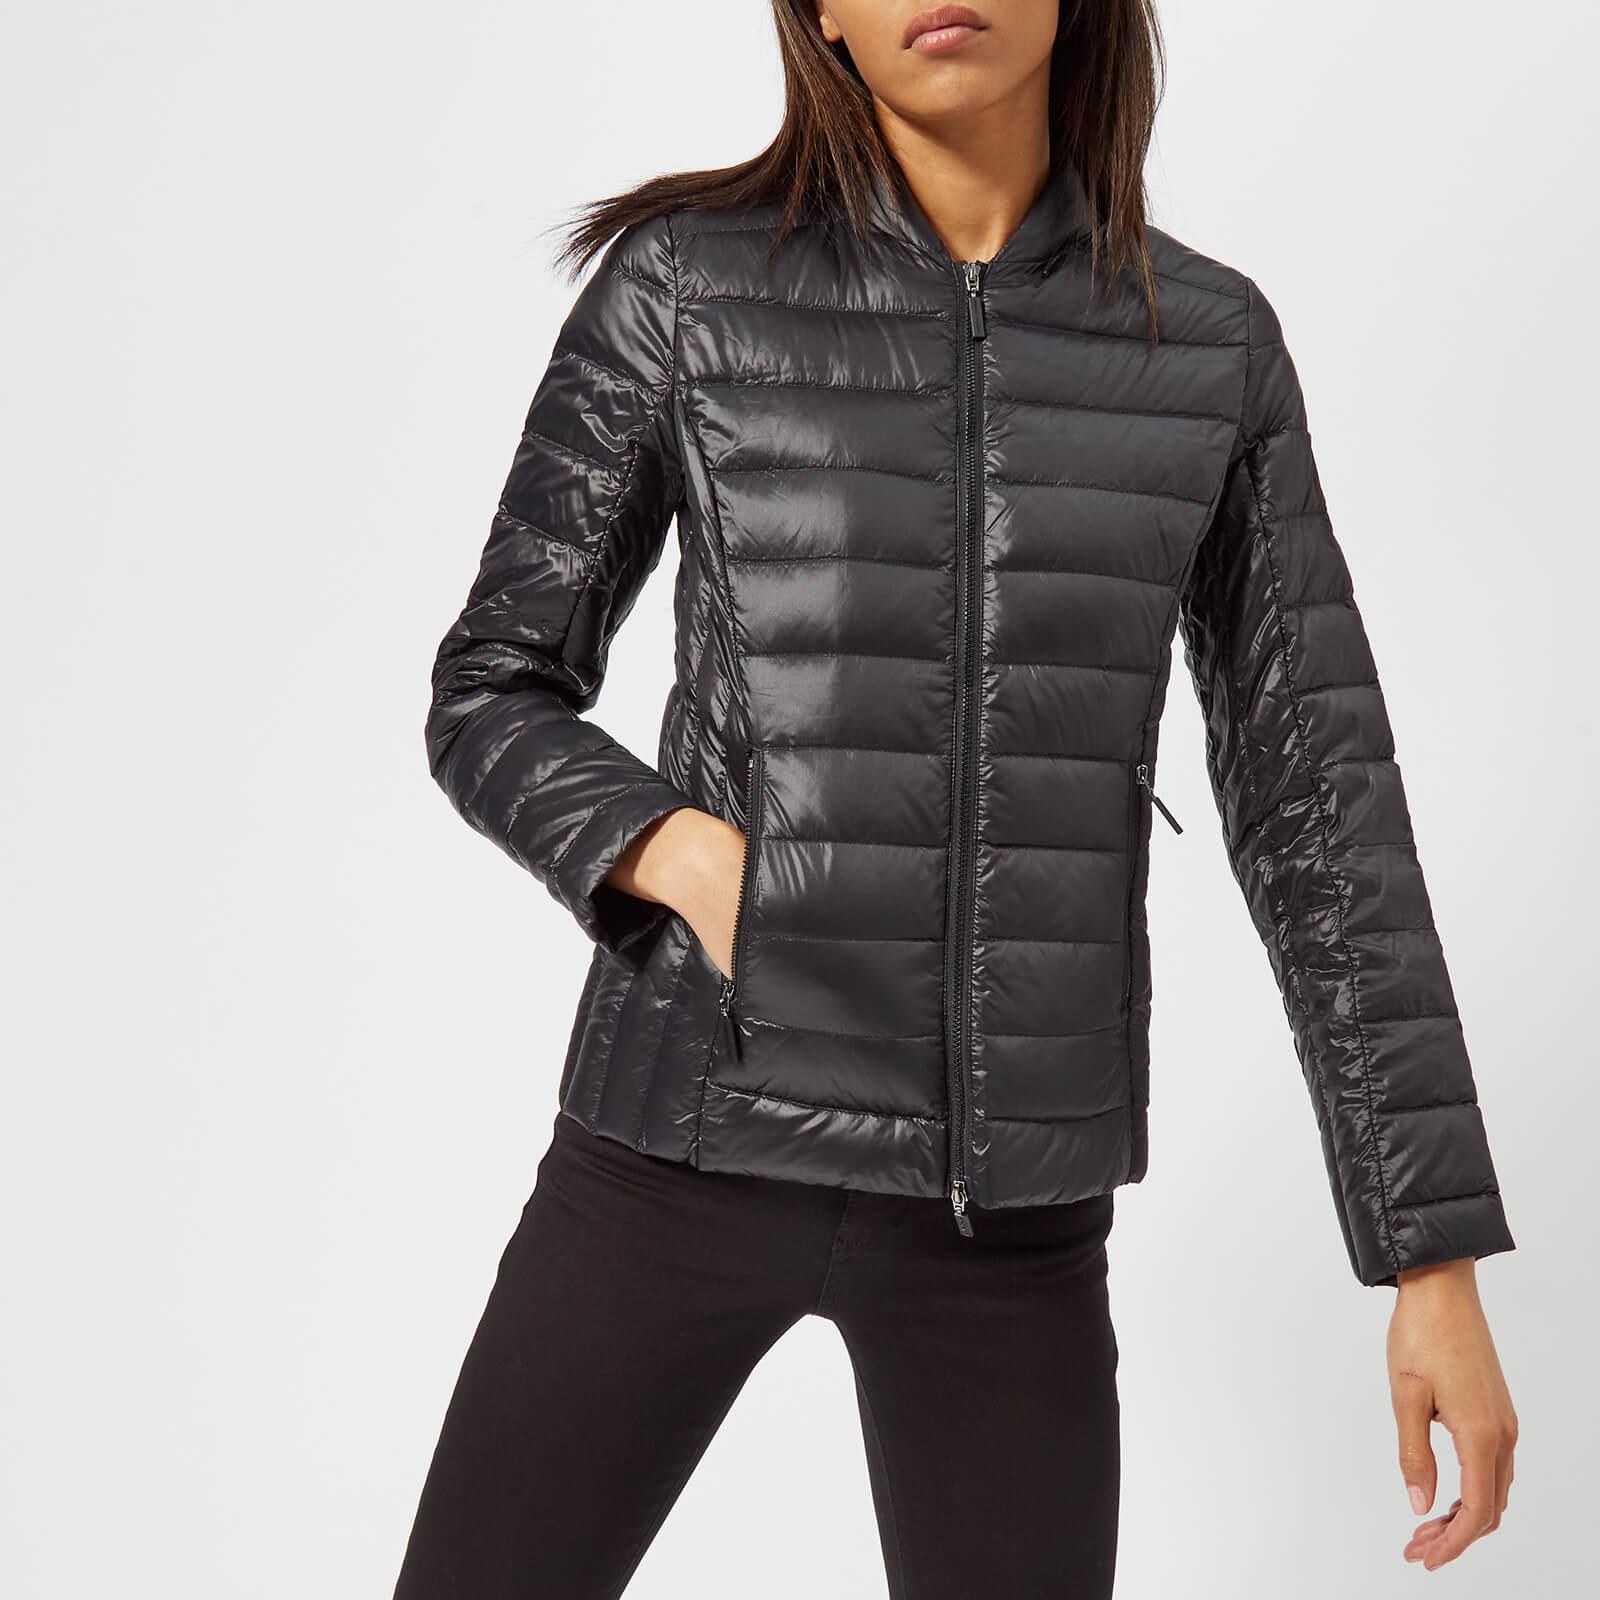 91d88a76c Armani Exchange Women's Down Jacket - Black